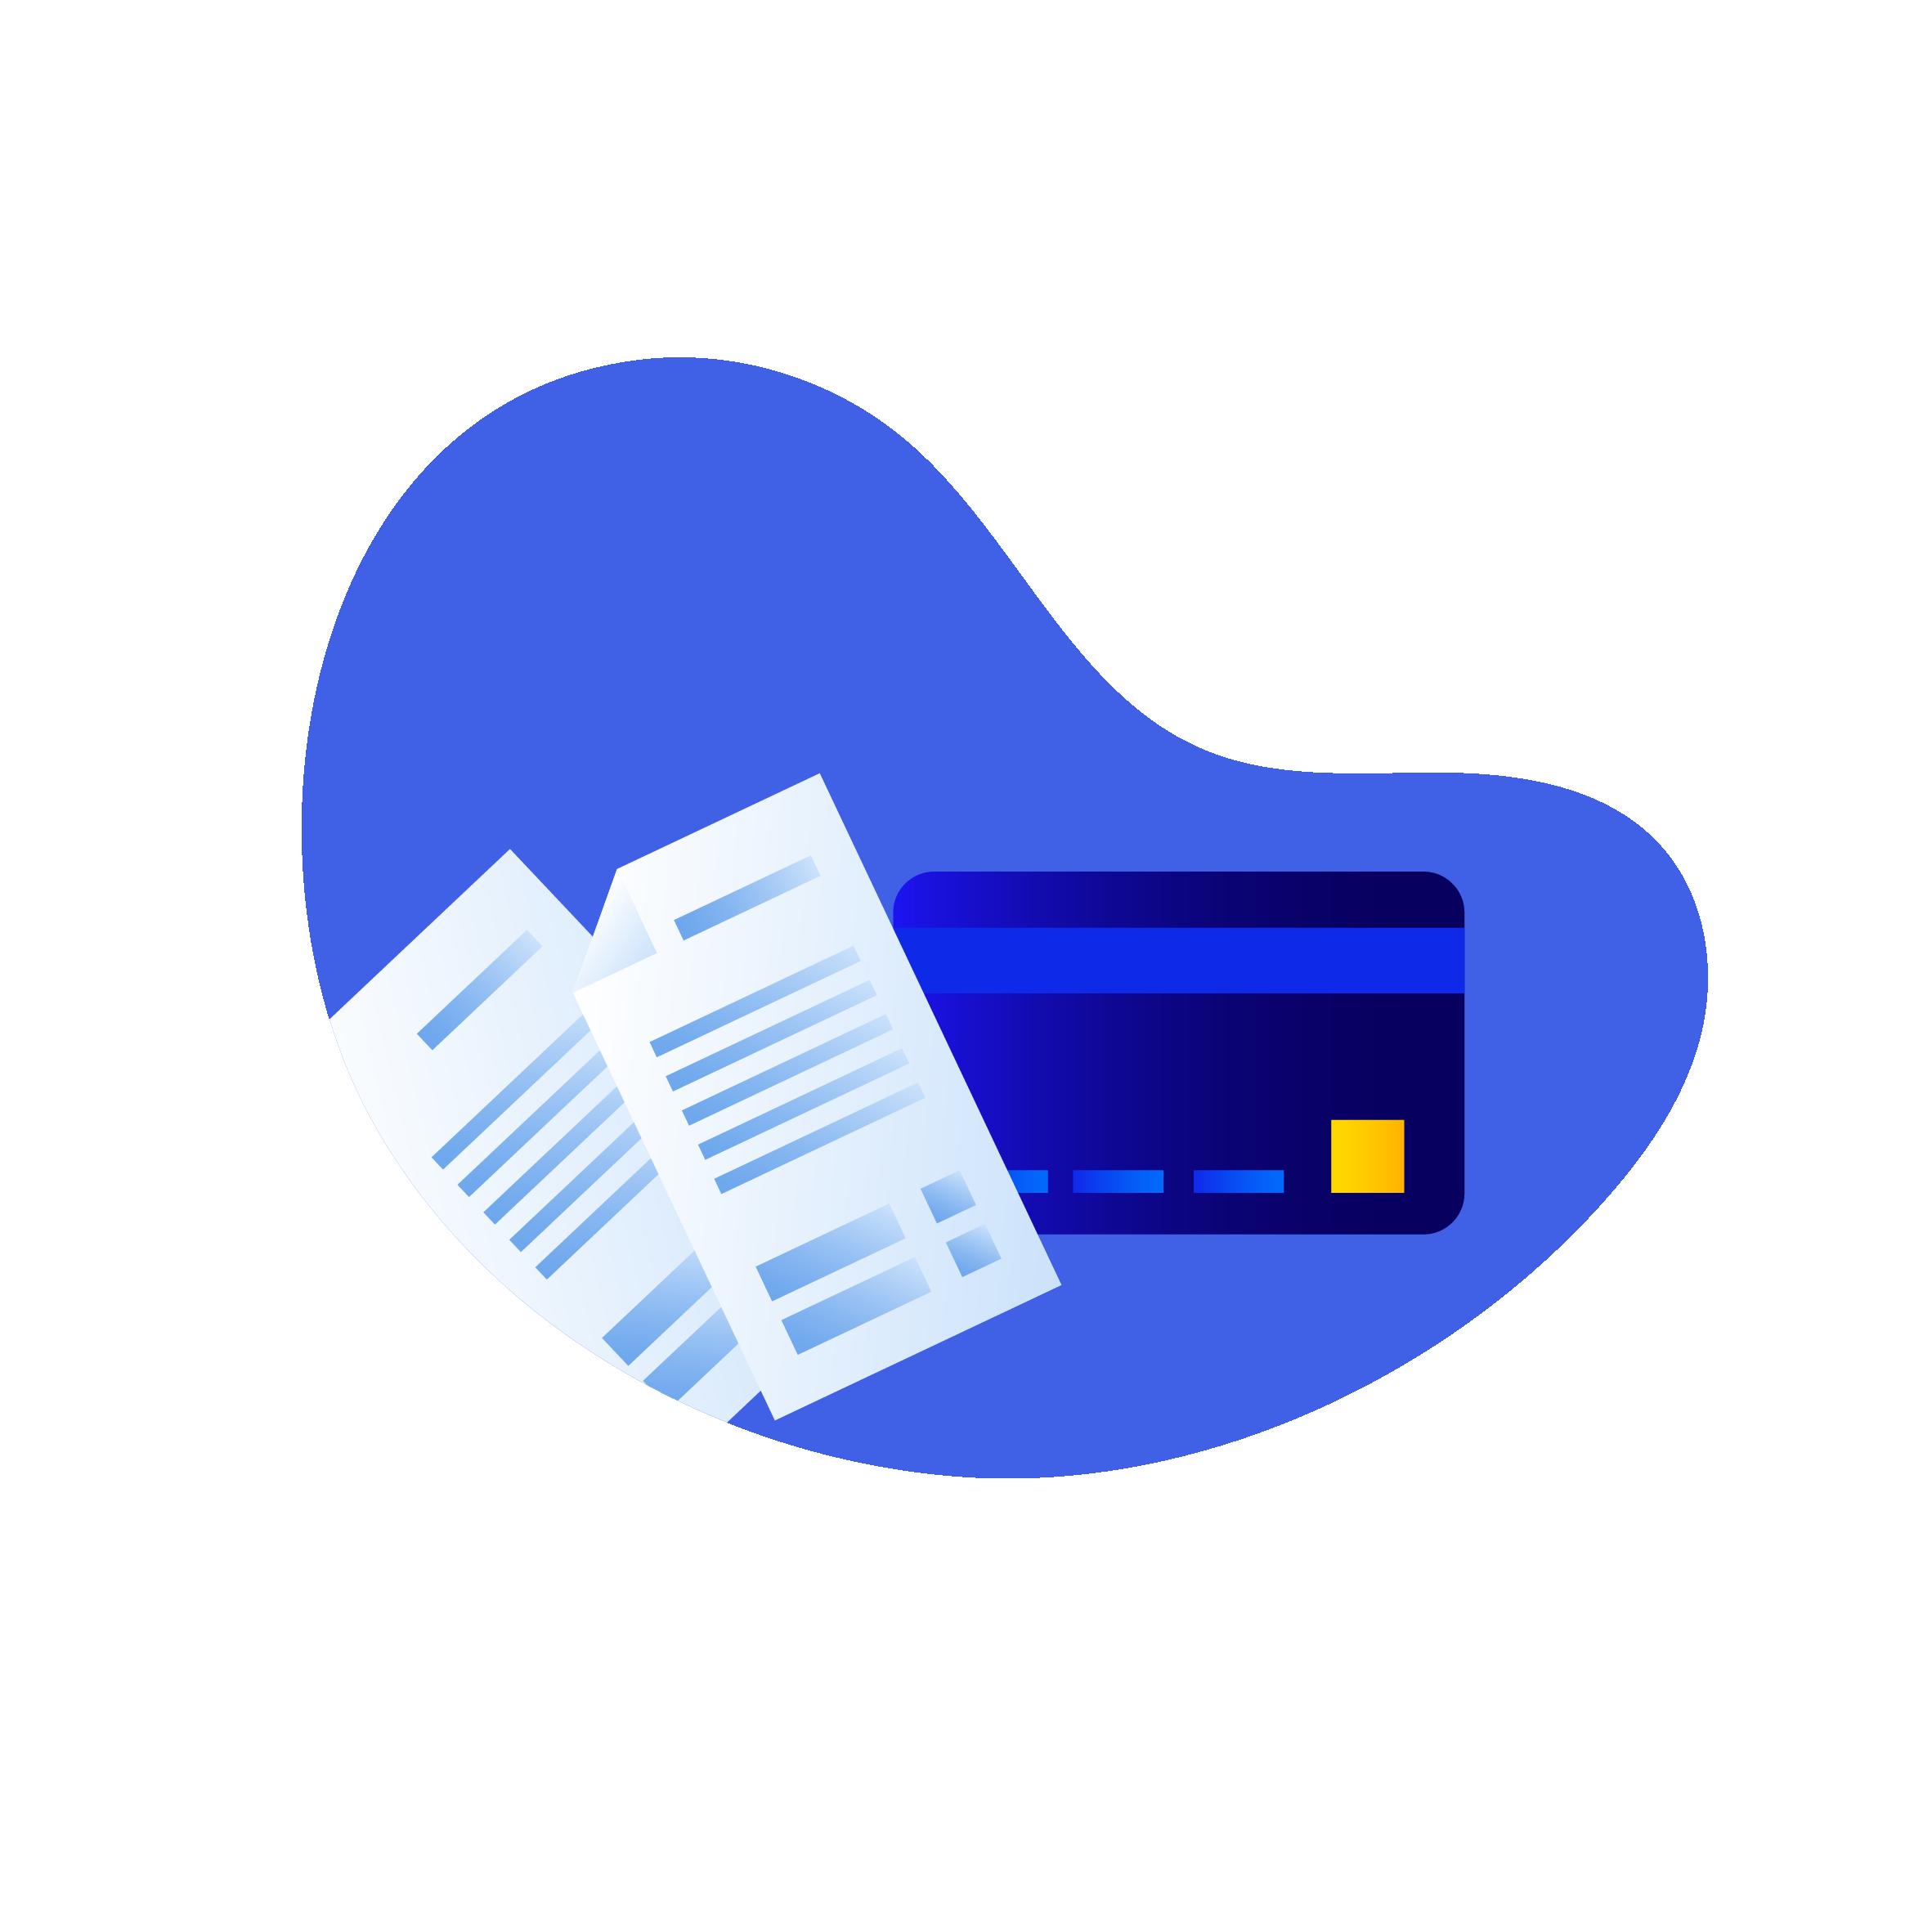 ikon som viser regninger og kredittkort